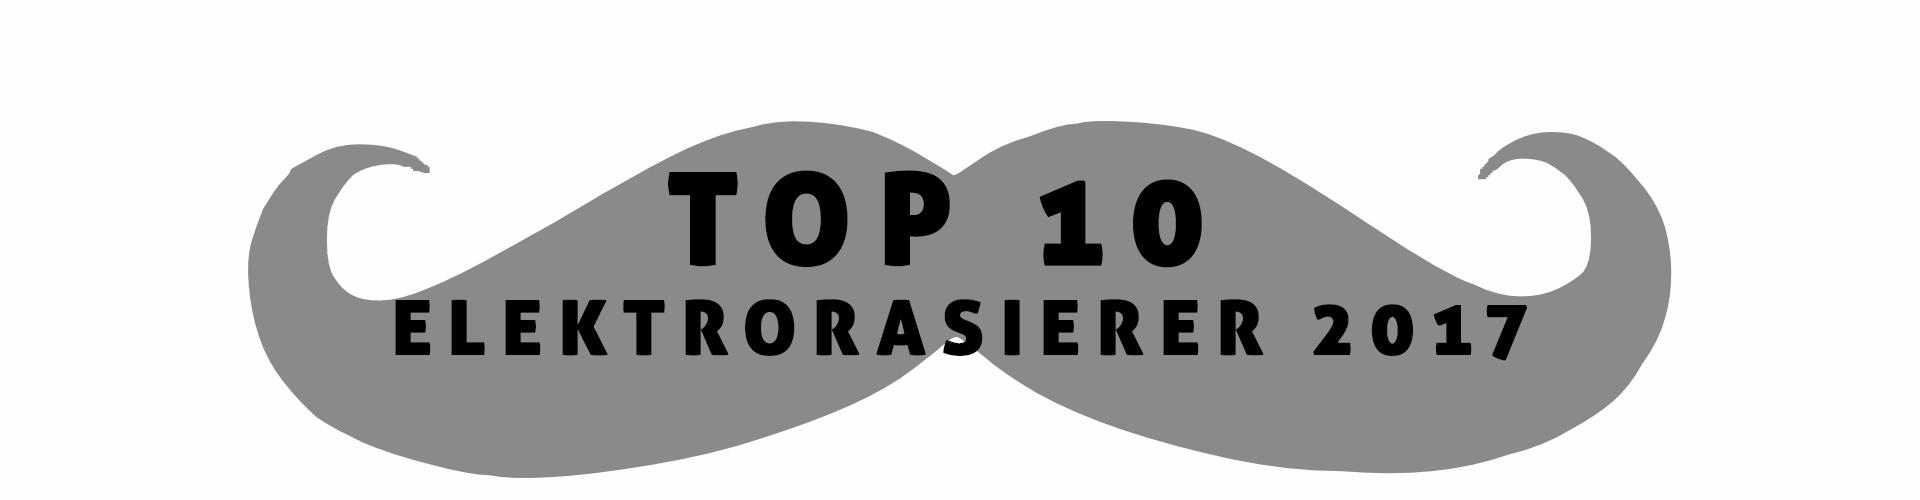 Top10 Elektrorasierer 2017